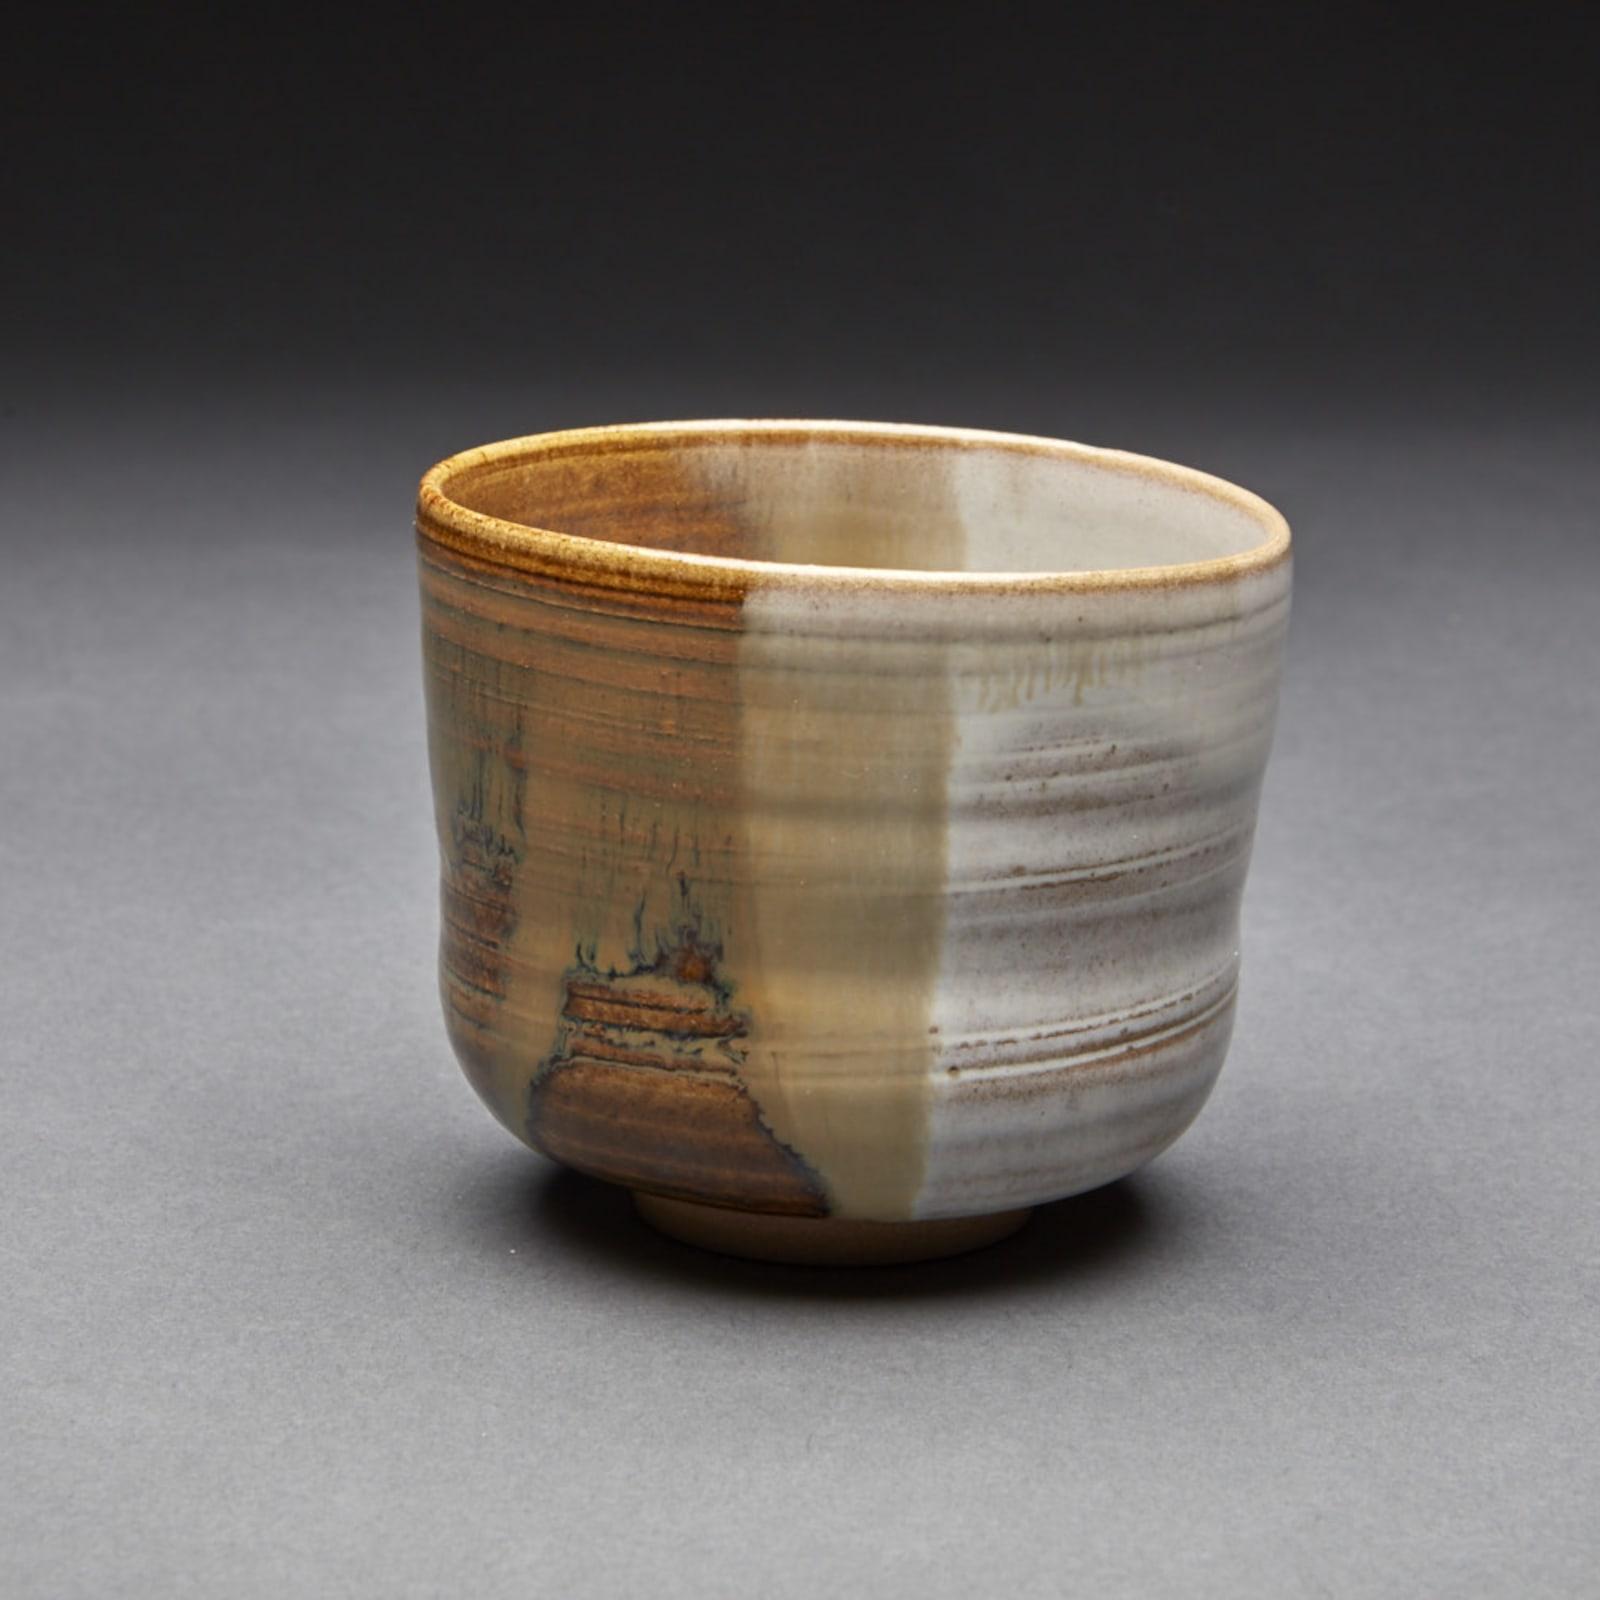 Takatori  71, 2016  Tenmoku Glazed Porcelain  10 x 8.7 x 8.7 cm